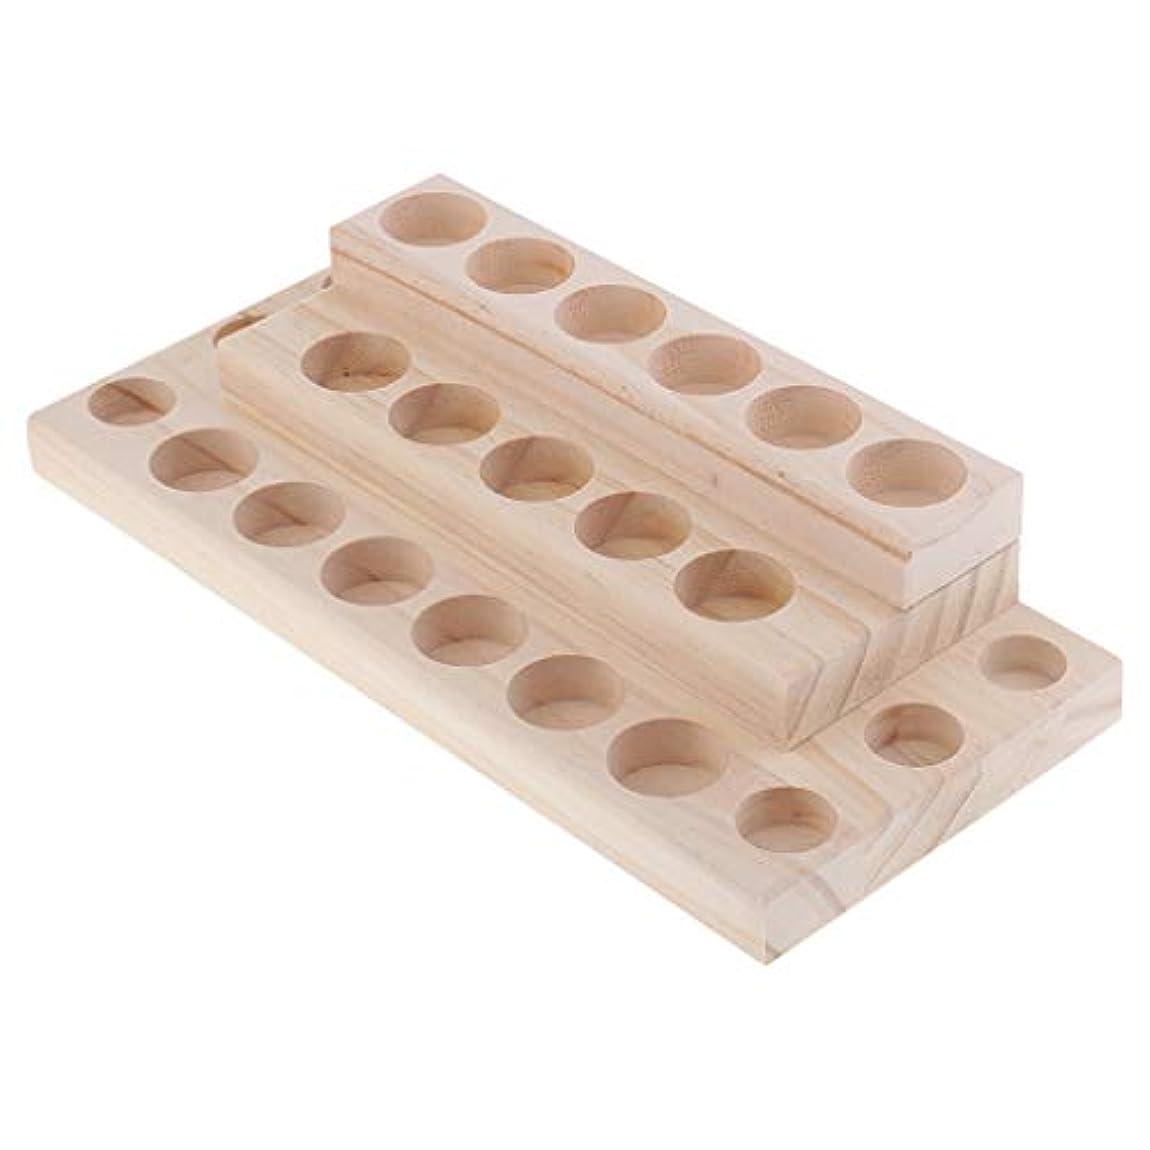 解任食べるハムD DOLITY 木製 エッセンシャルオイル 展示ラック 精油 オルガナイザー 陳列台 収納ツール 3層